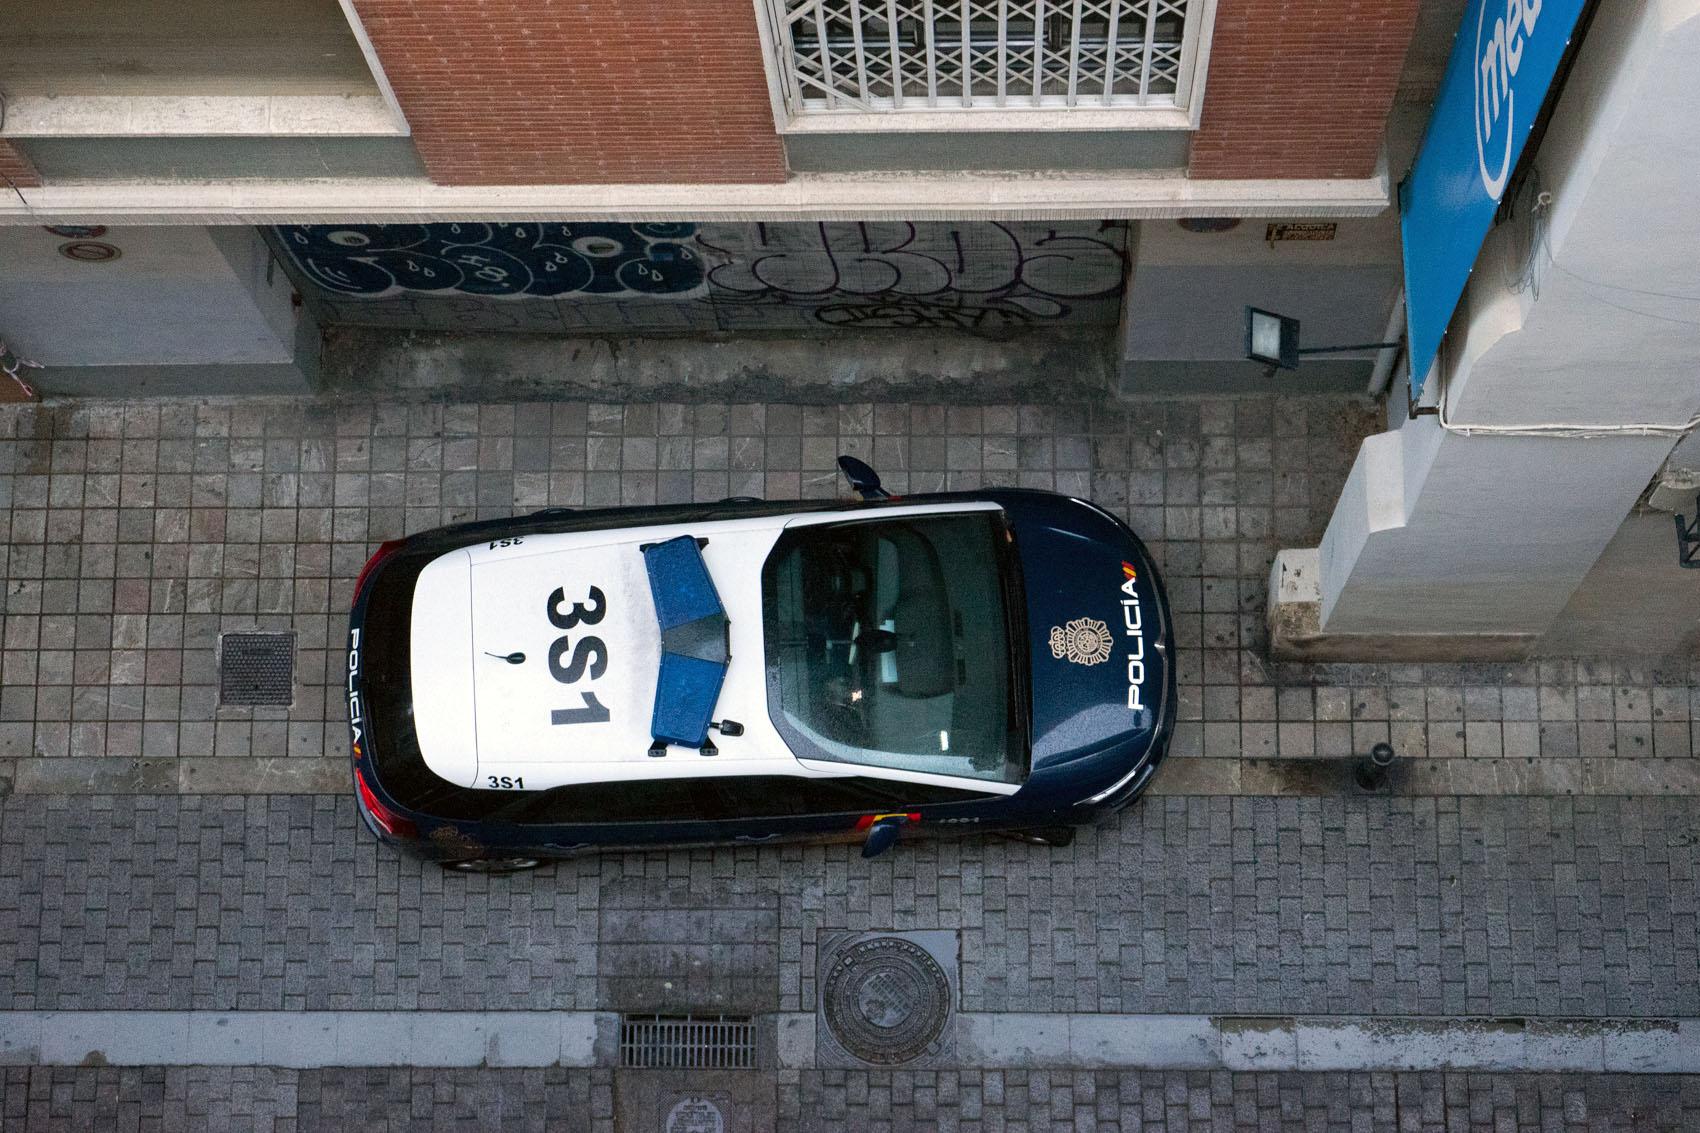 Police Valencia